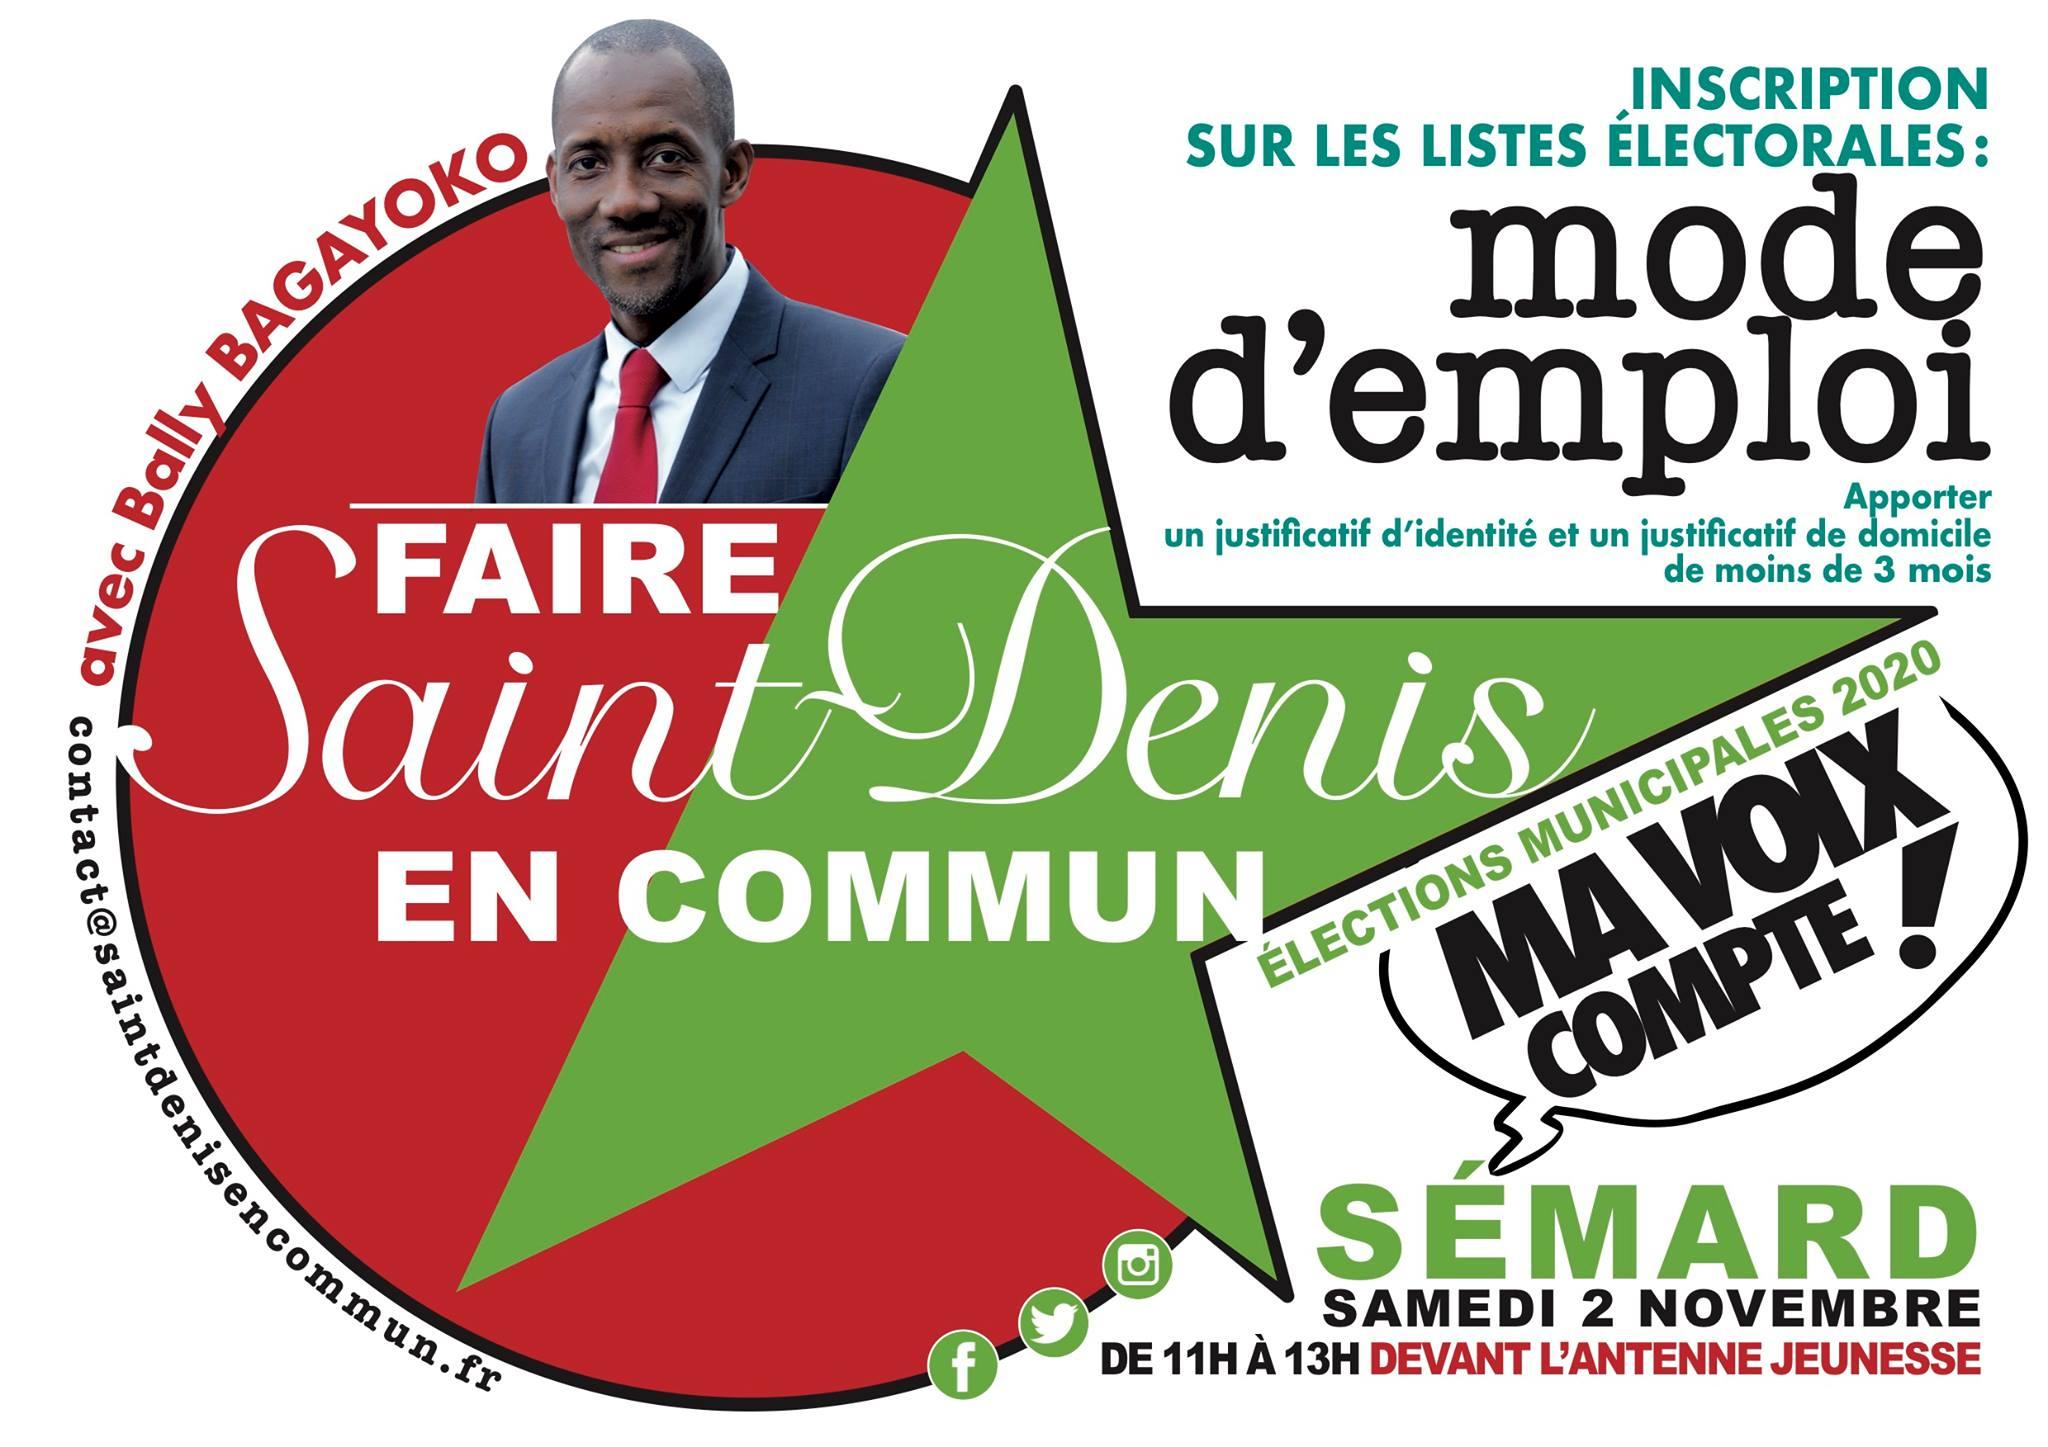 Elections municipales : Opération inscription sur les listes électorales !